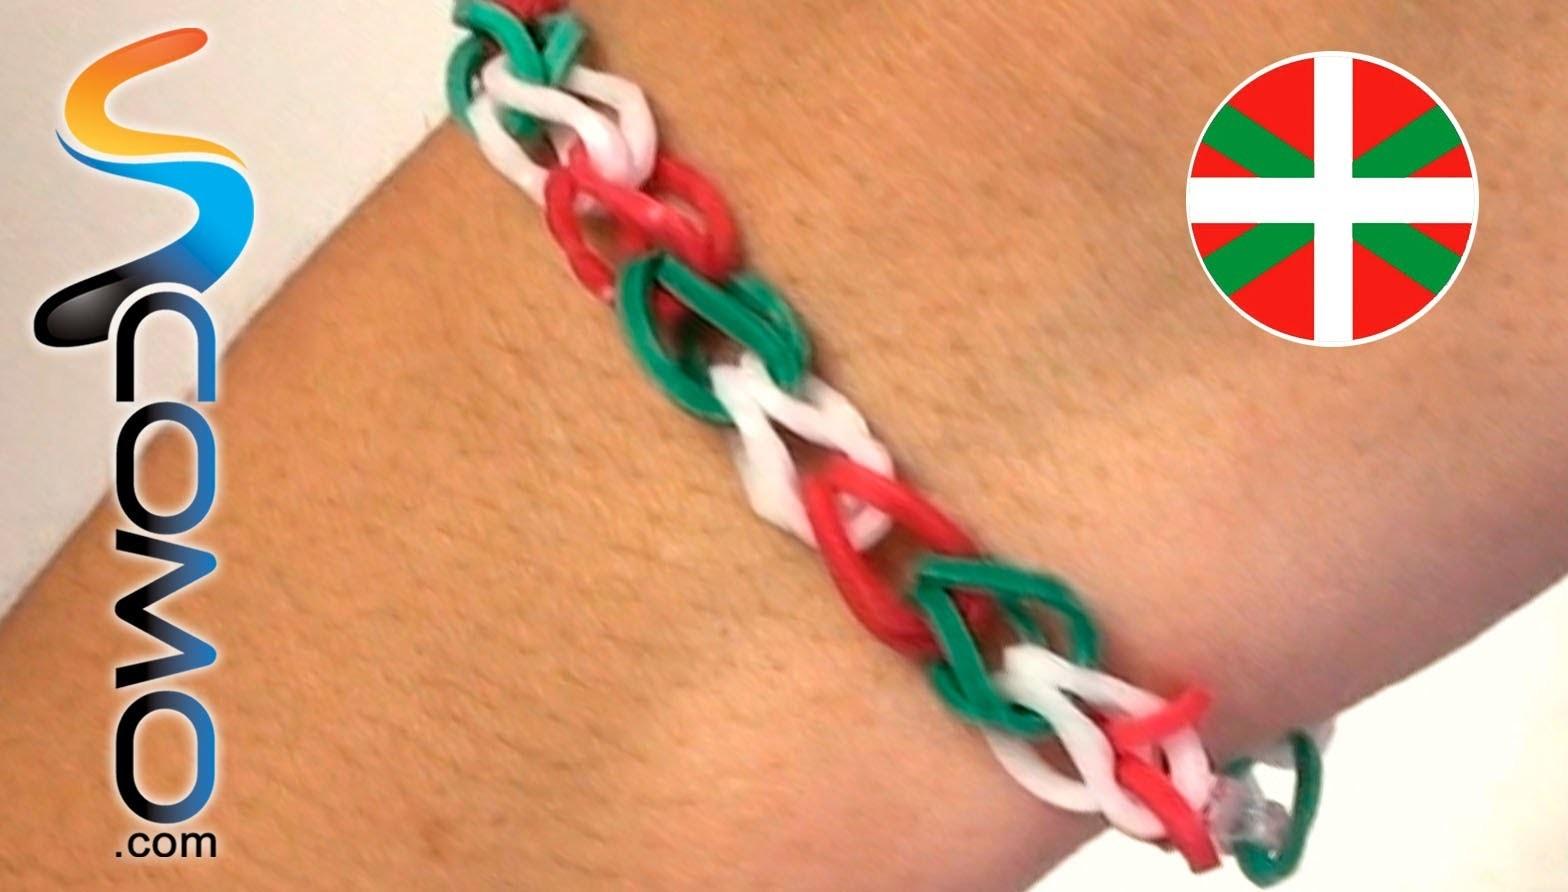 Pulsera de gomitas con bandera del País Vasco